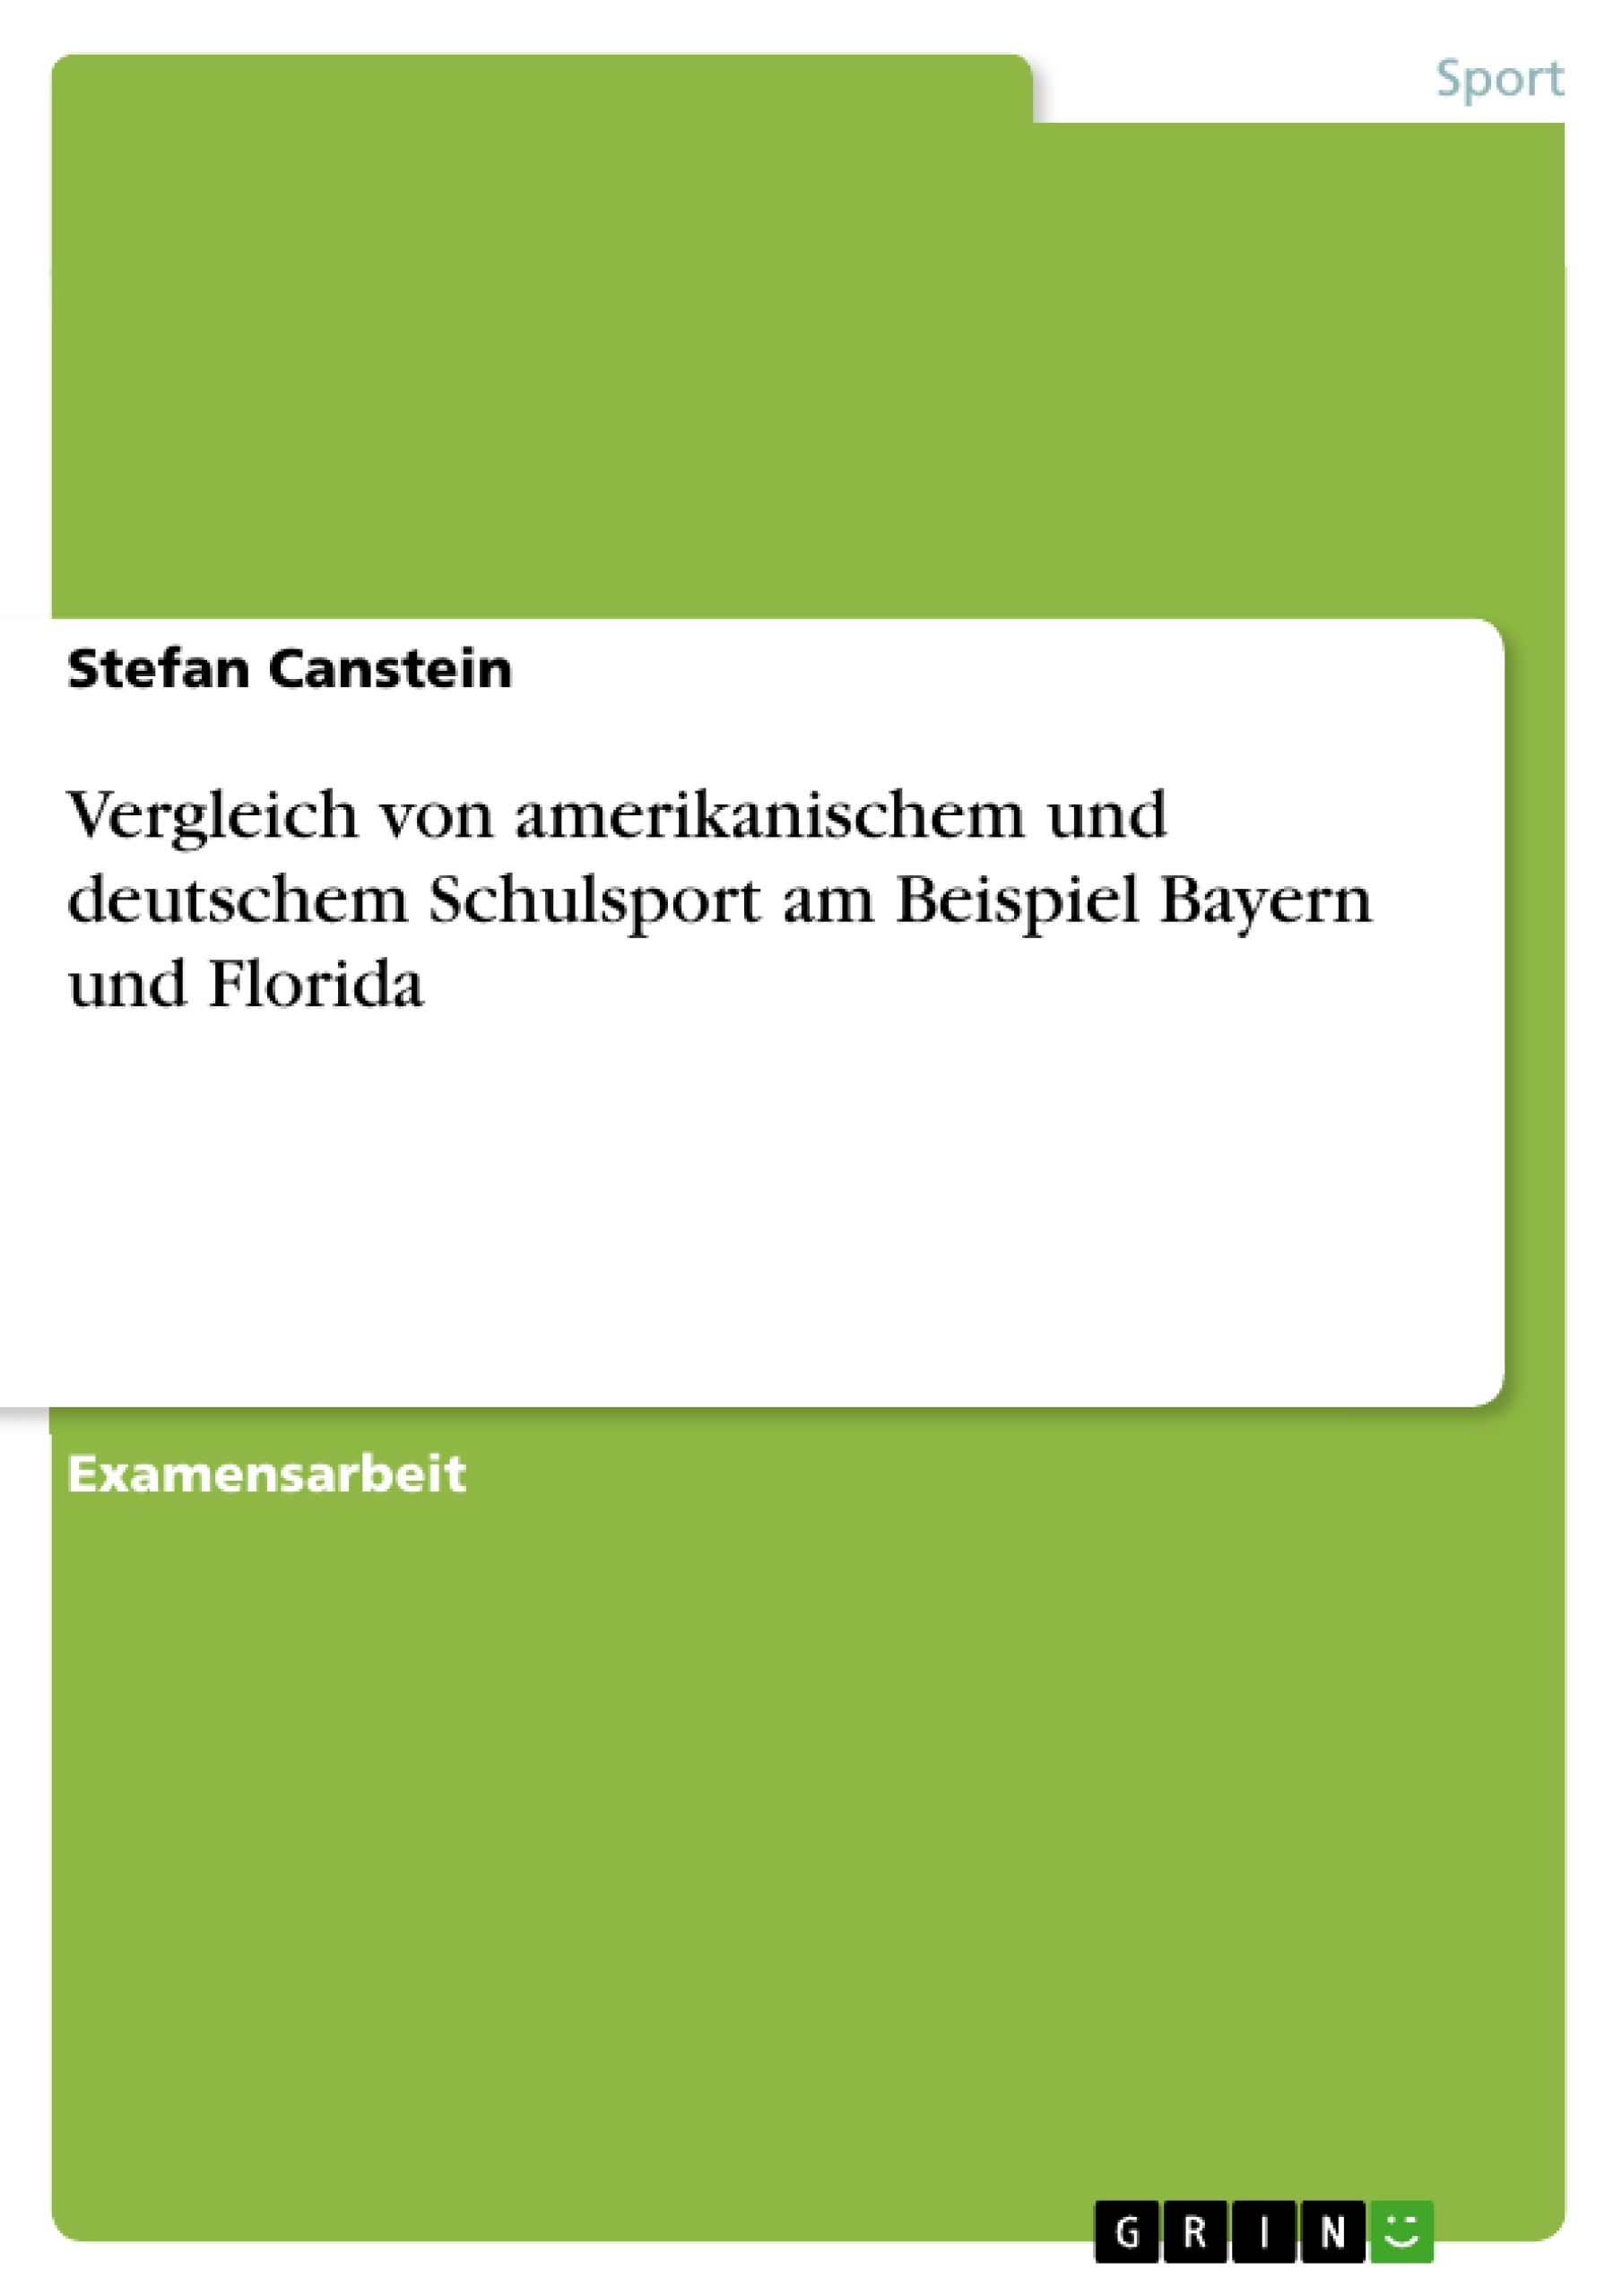 Erfreut Bildsprache Einer Tabelle 4Klasse Fotos - Mathe Arbeitsblatt ...